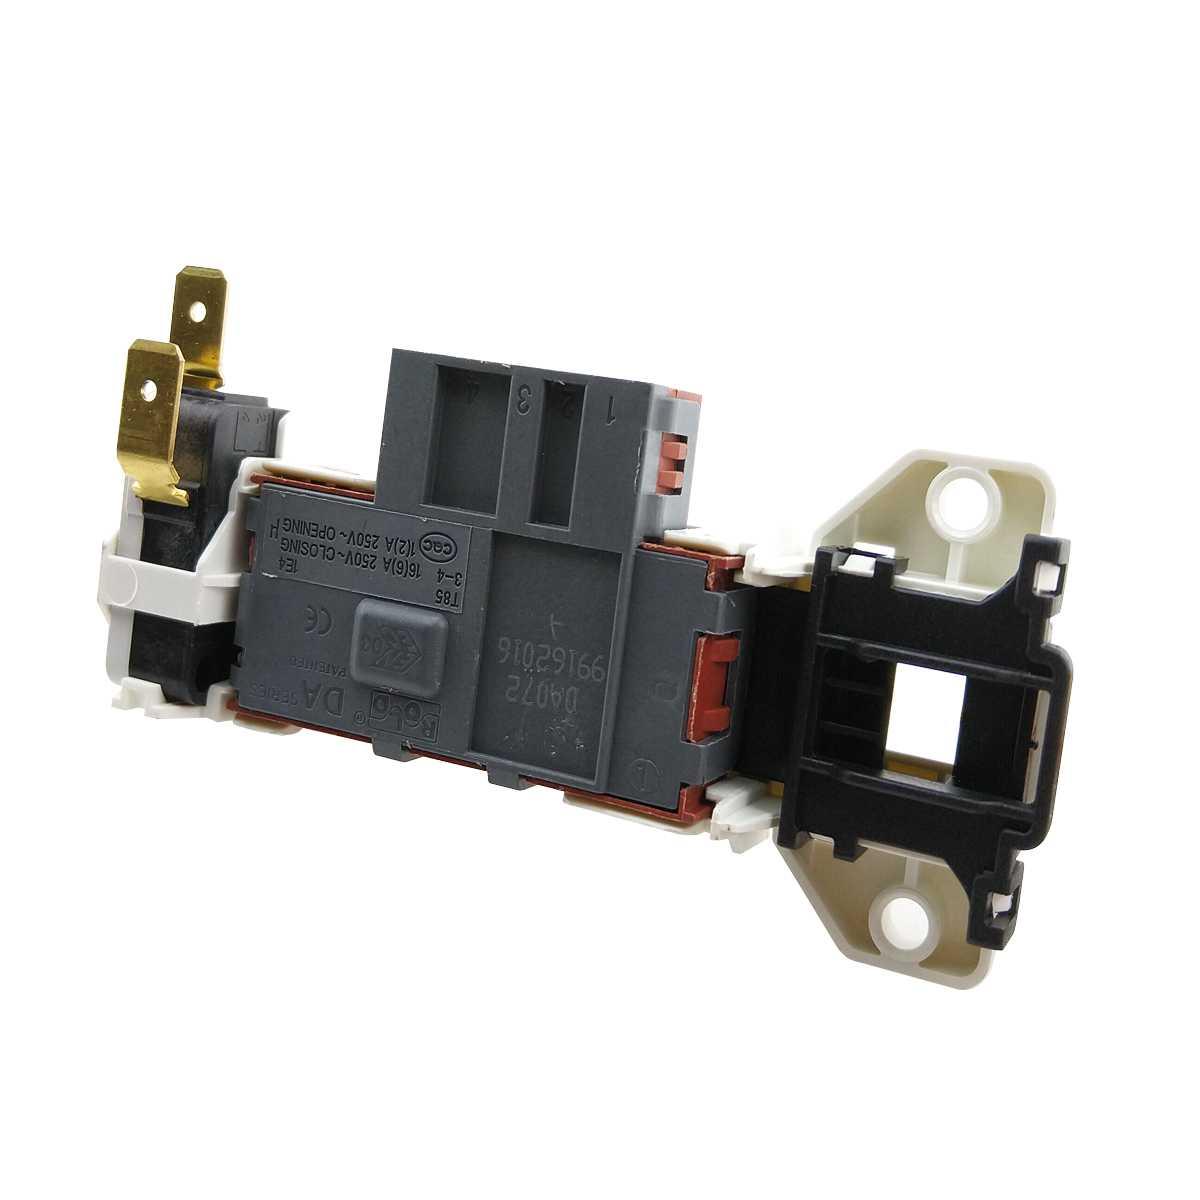 Dispositivo trava da porta lavadora Electrolux LTD15, LTD06, LTE12, LTC07, LTD13, LDD16